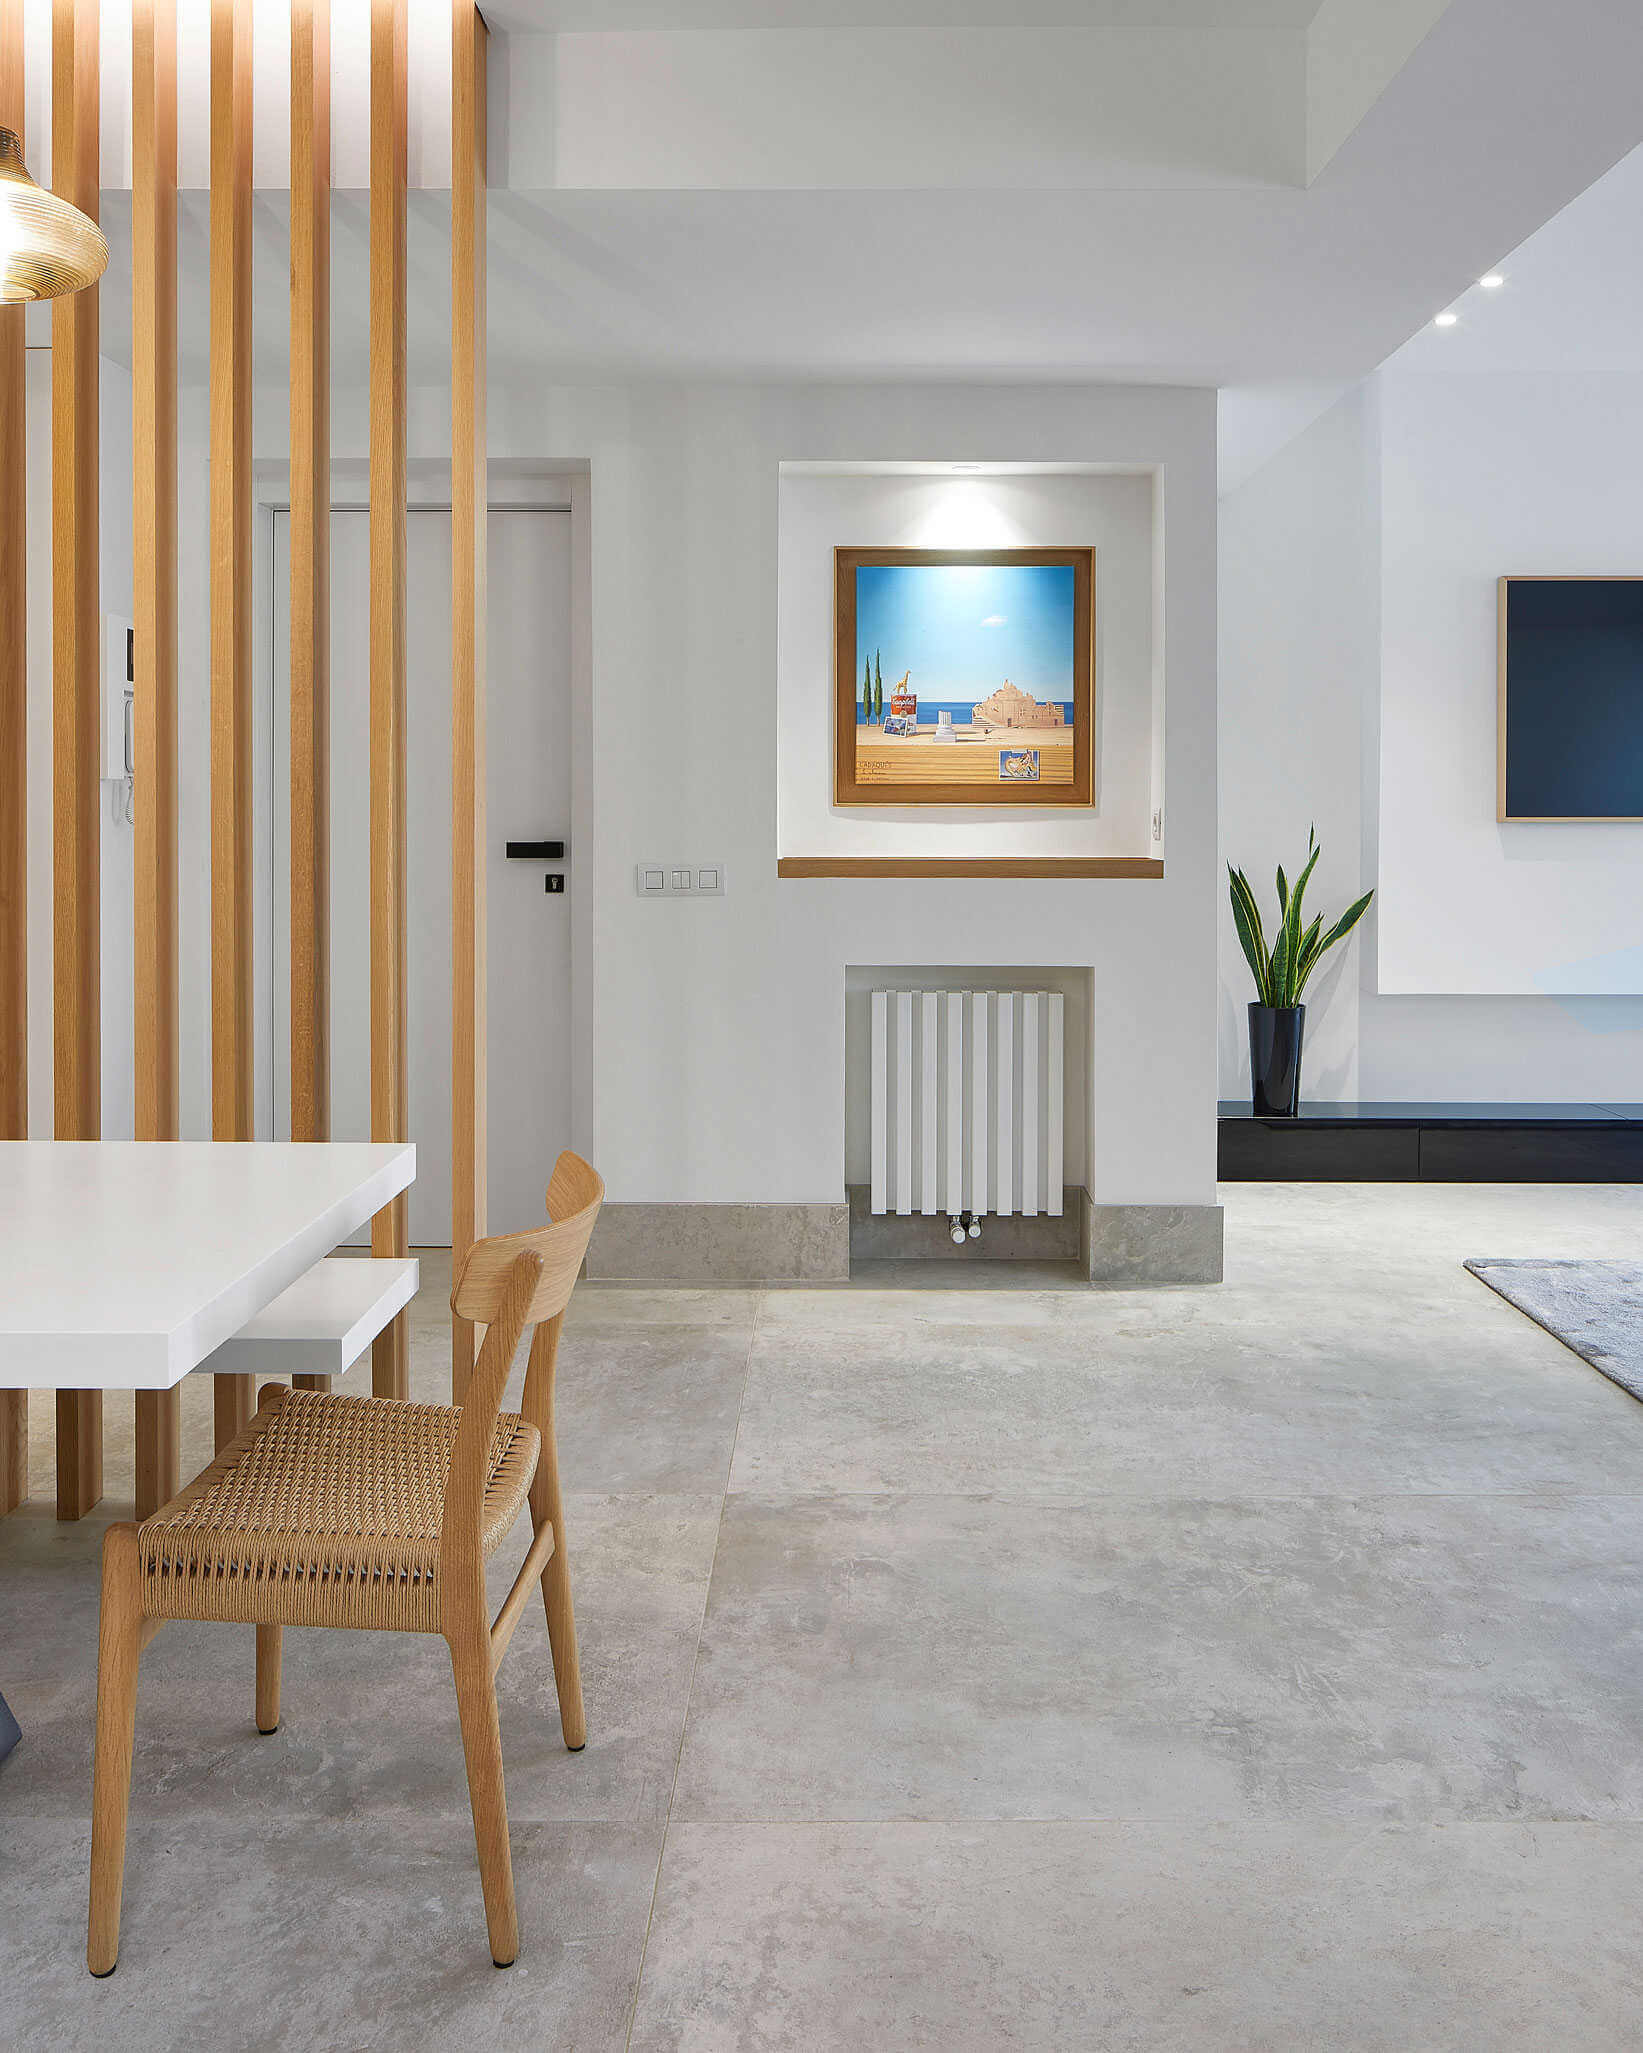 Apartament Nt Rosello 25 | Vivienda Unifamiliar Barcelona, España